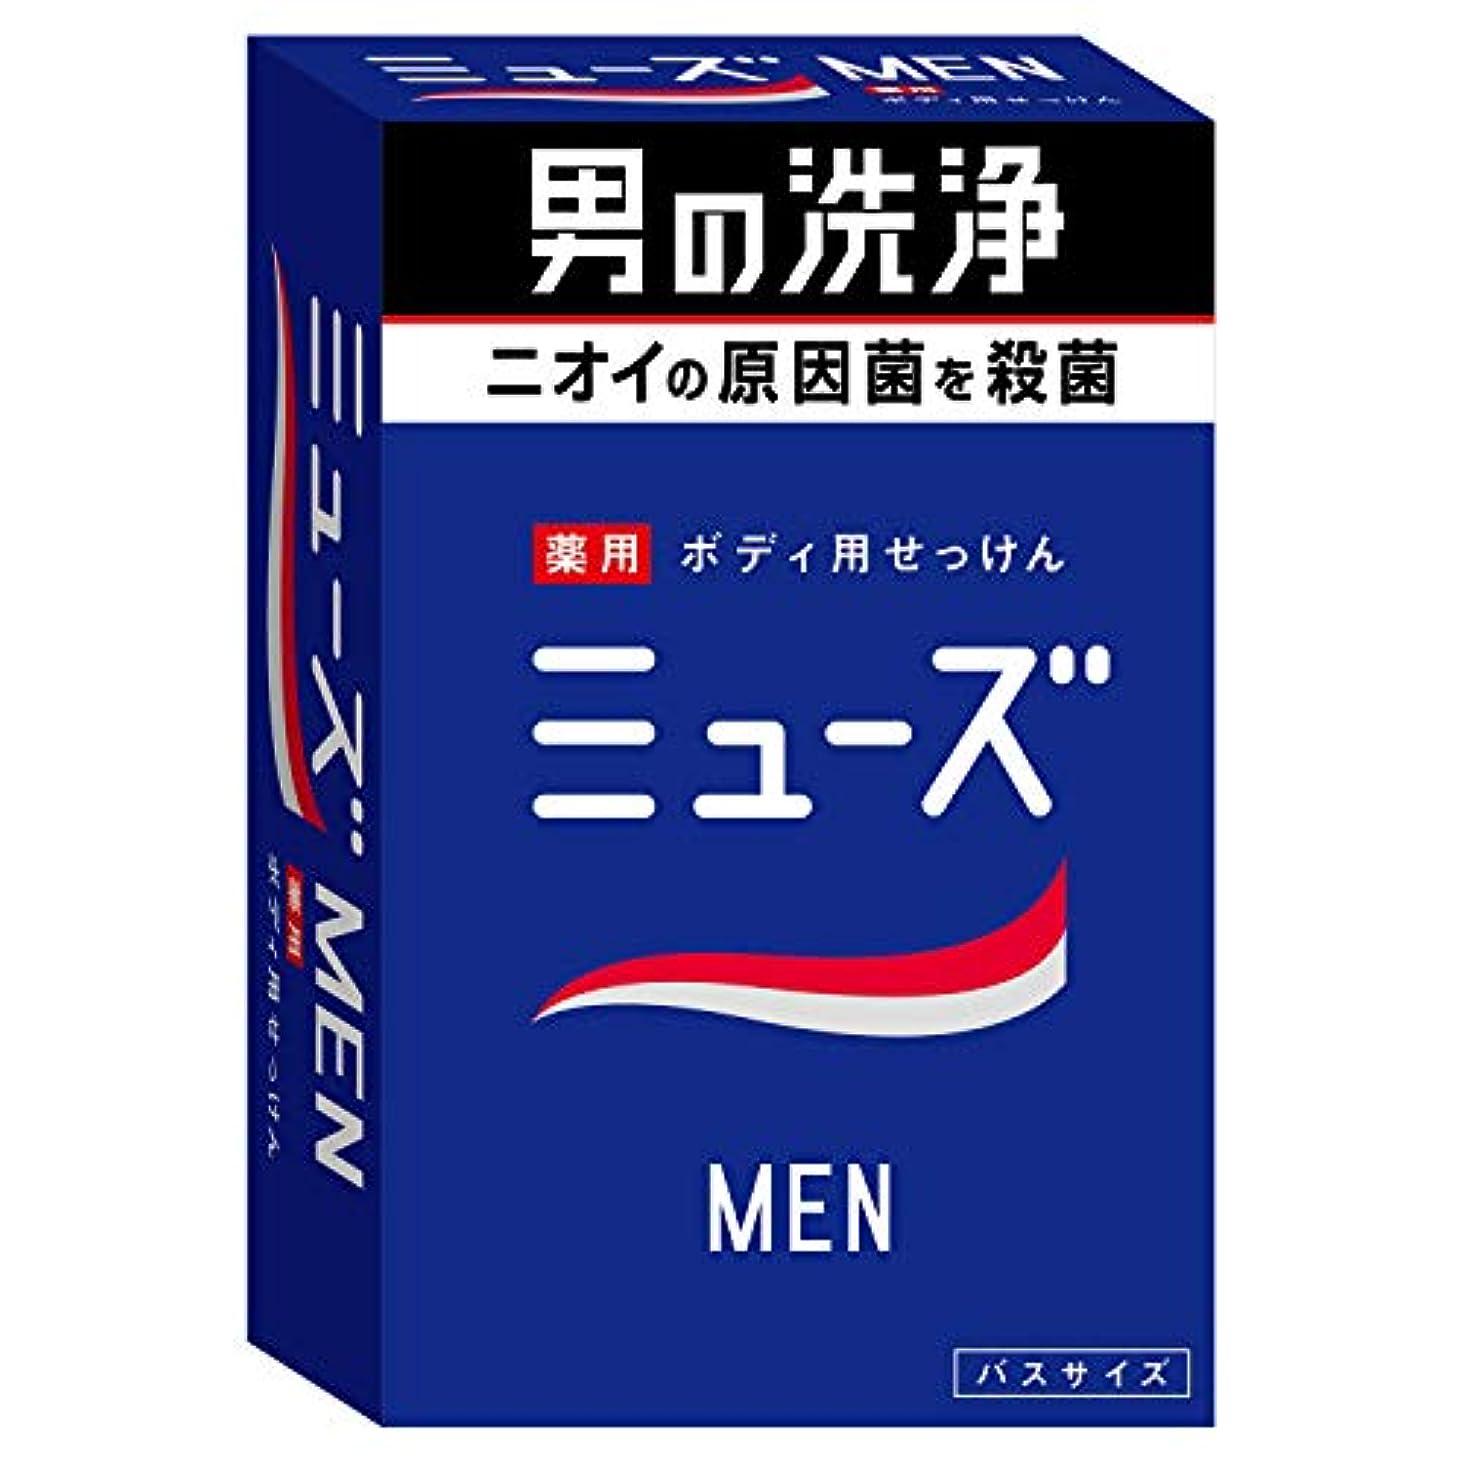 朝誇張空気【医薬部外品】ミューズメン 石鹸 135g